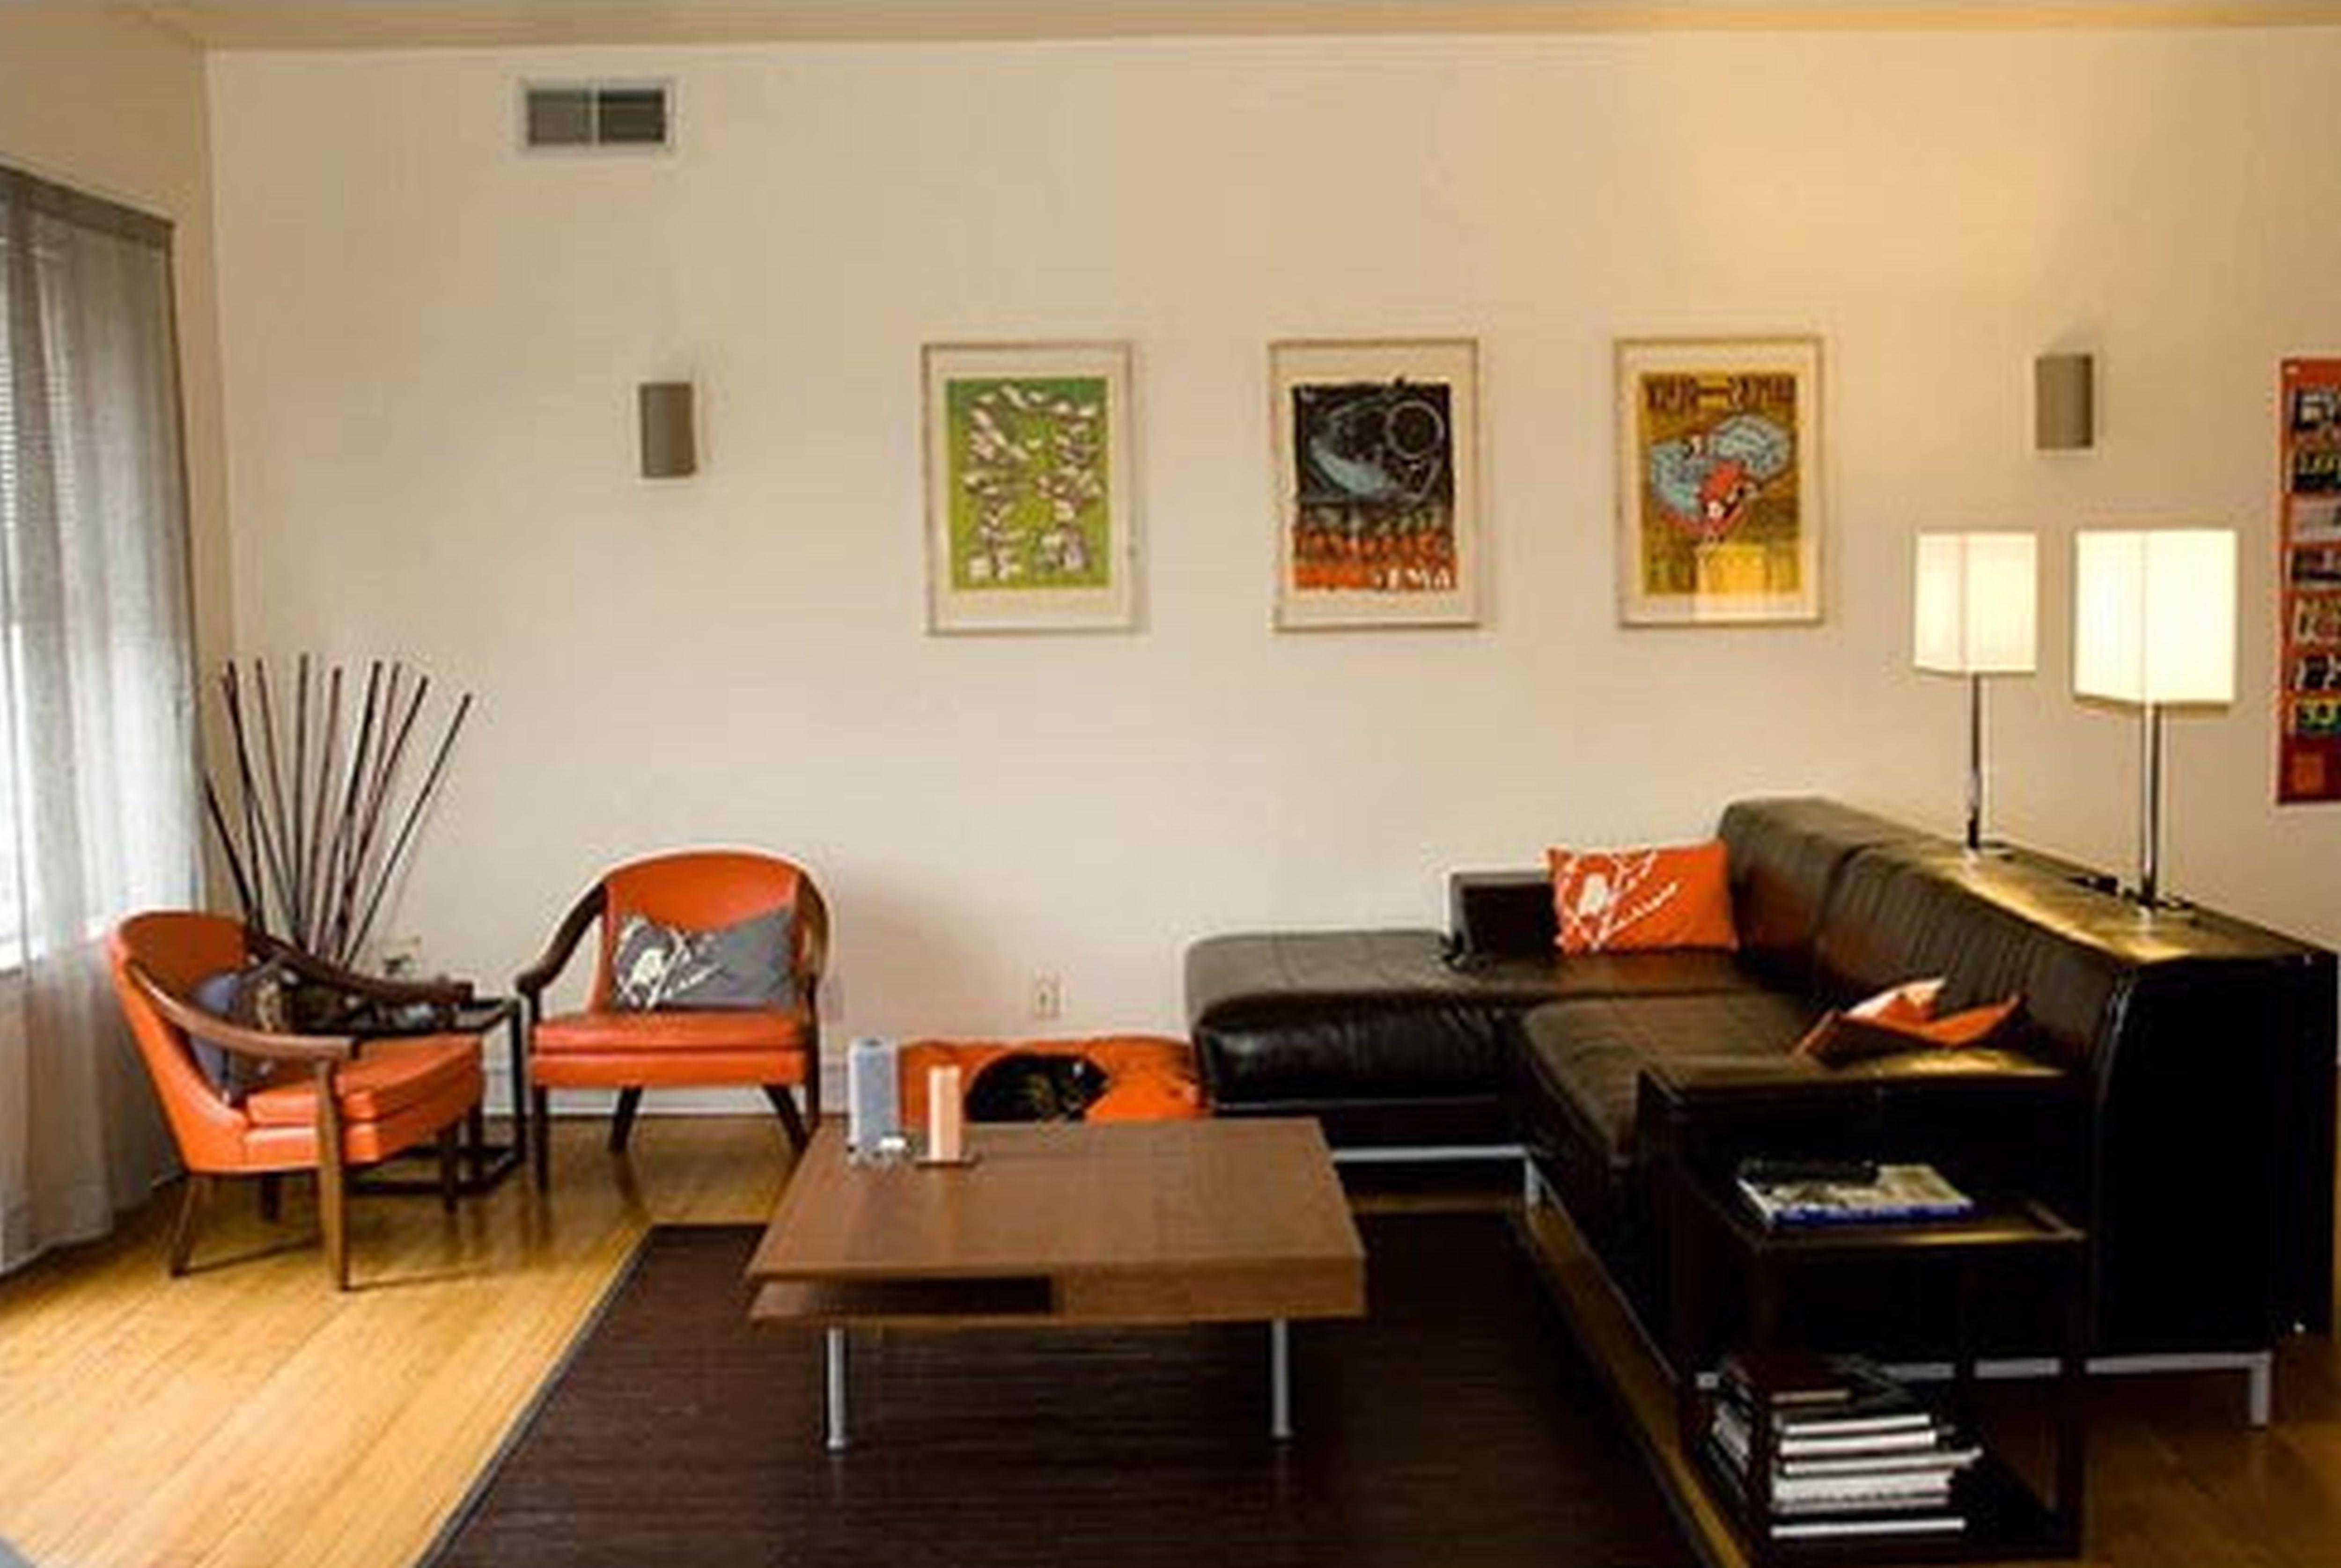 Home Decor With Black Sofas | Centerfieldbar inside Black Sofas Decors (Image 8 of 15)